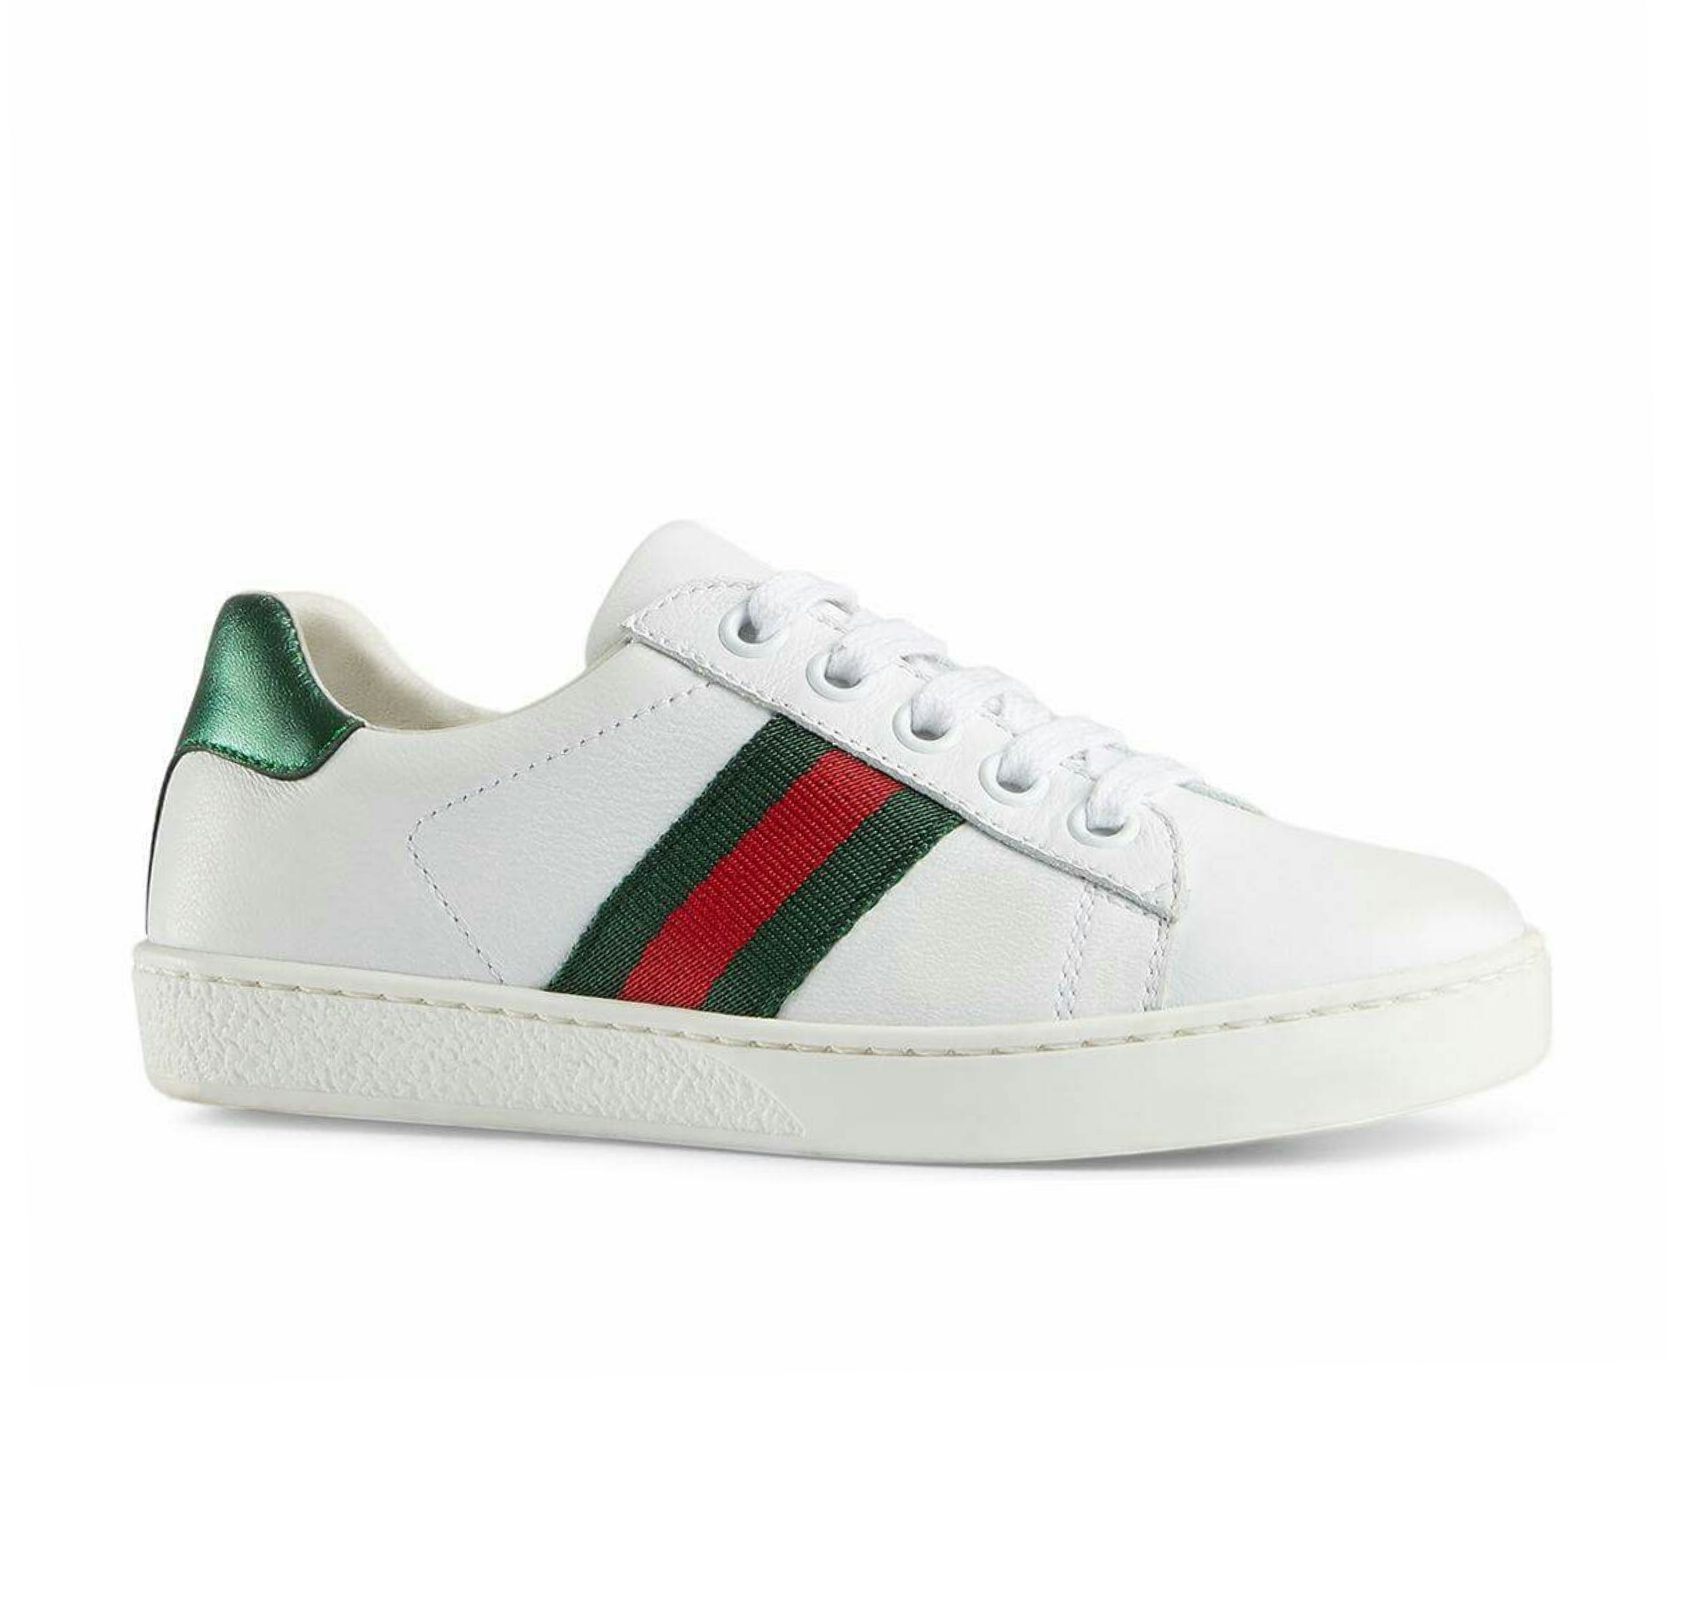 2580b74e5 Gucci Ace Sneaker For Women - Buy Shoes Online In Pakistan